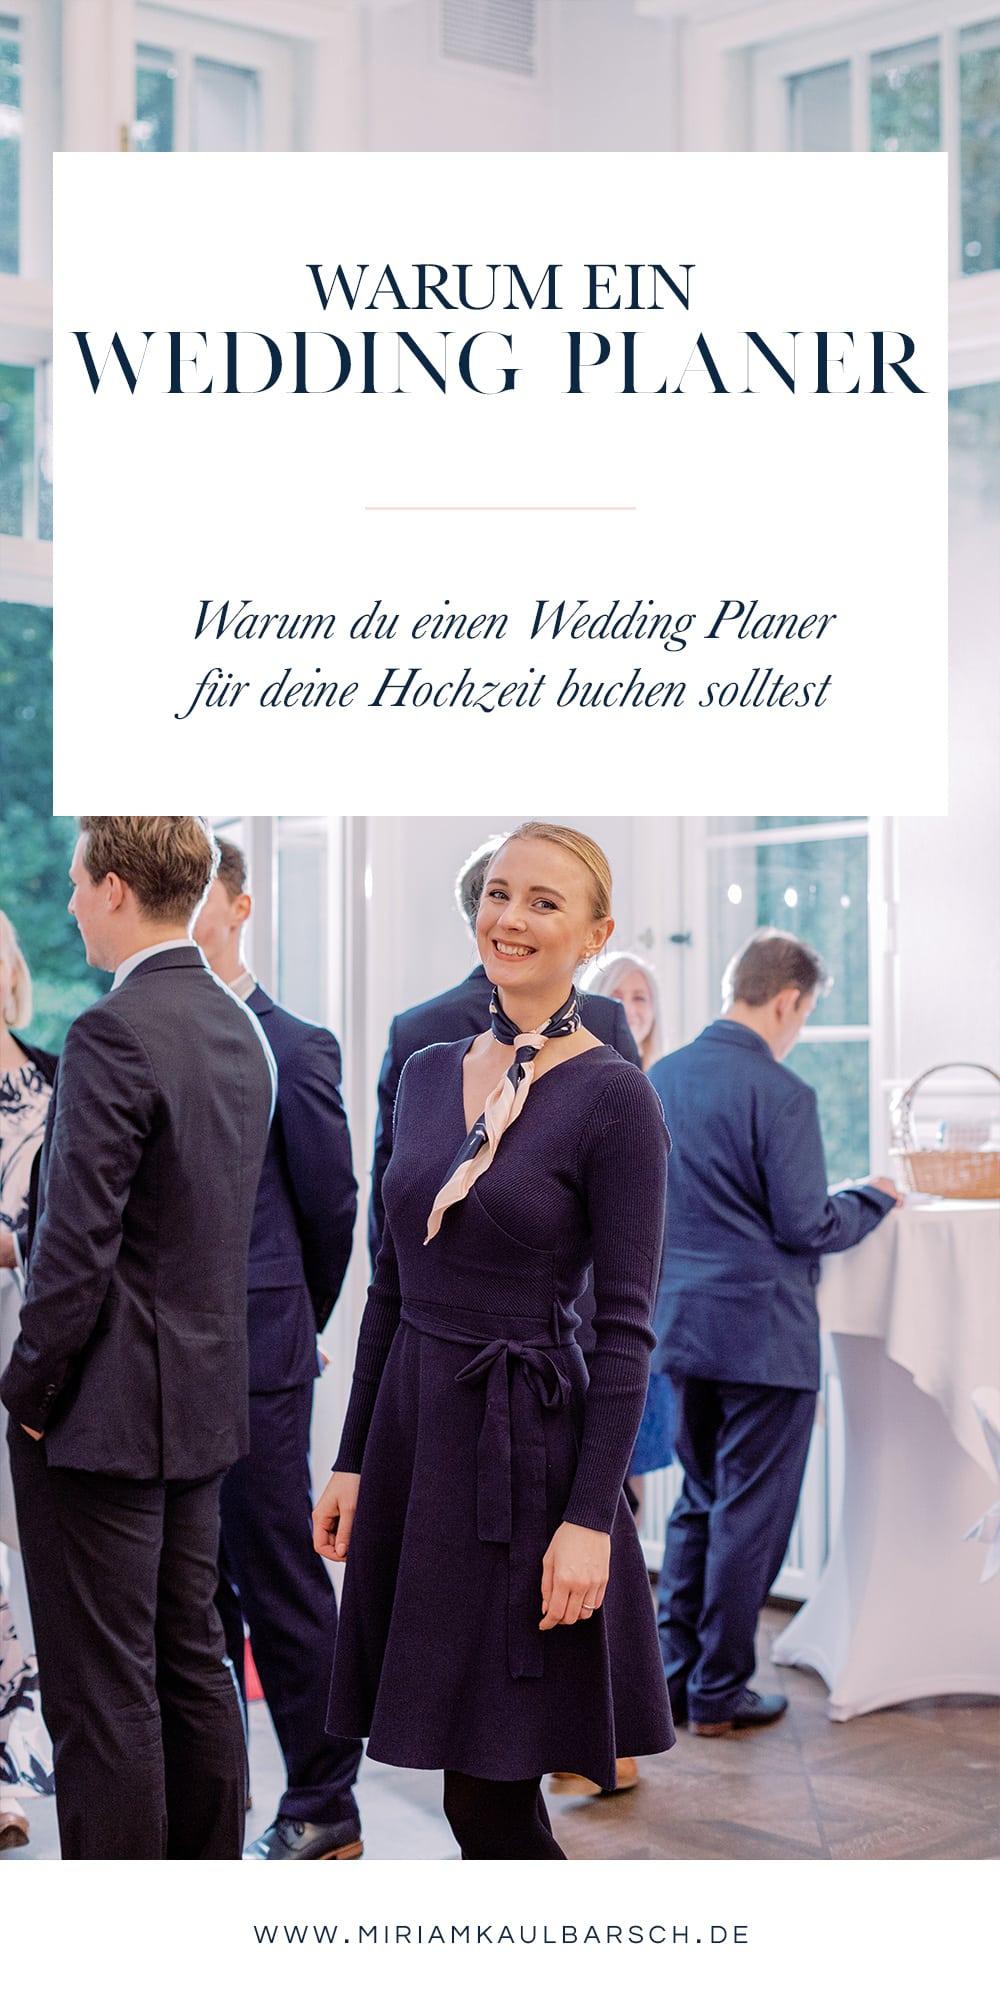 Warum du für deine Hochzeit einen Wedding Planer buchen solltest!